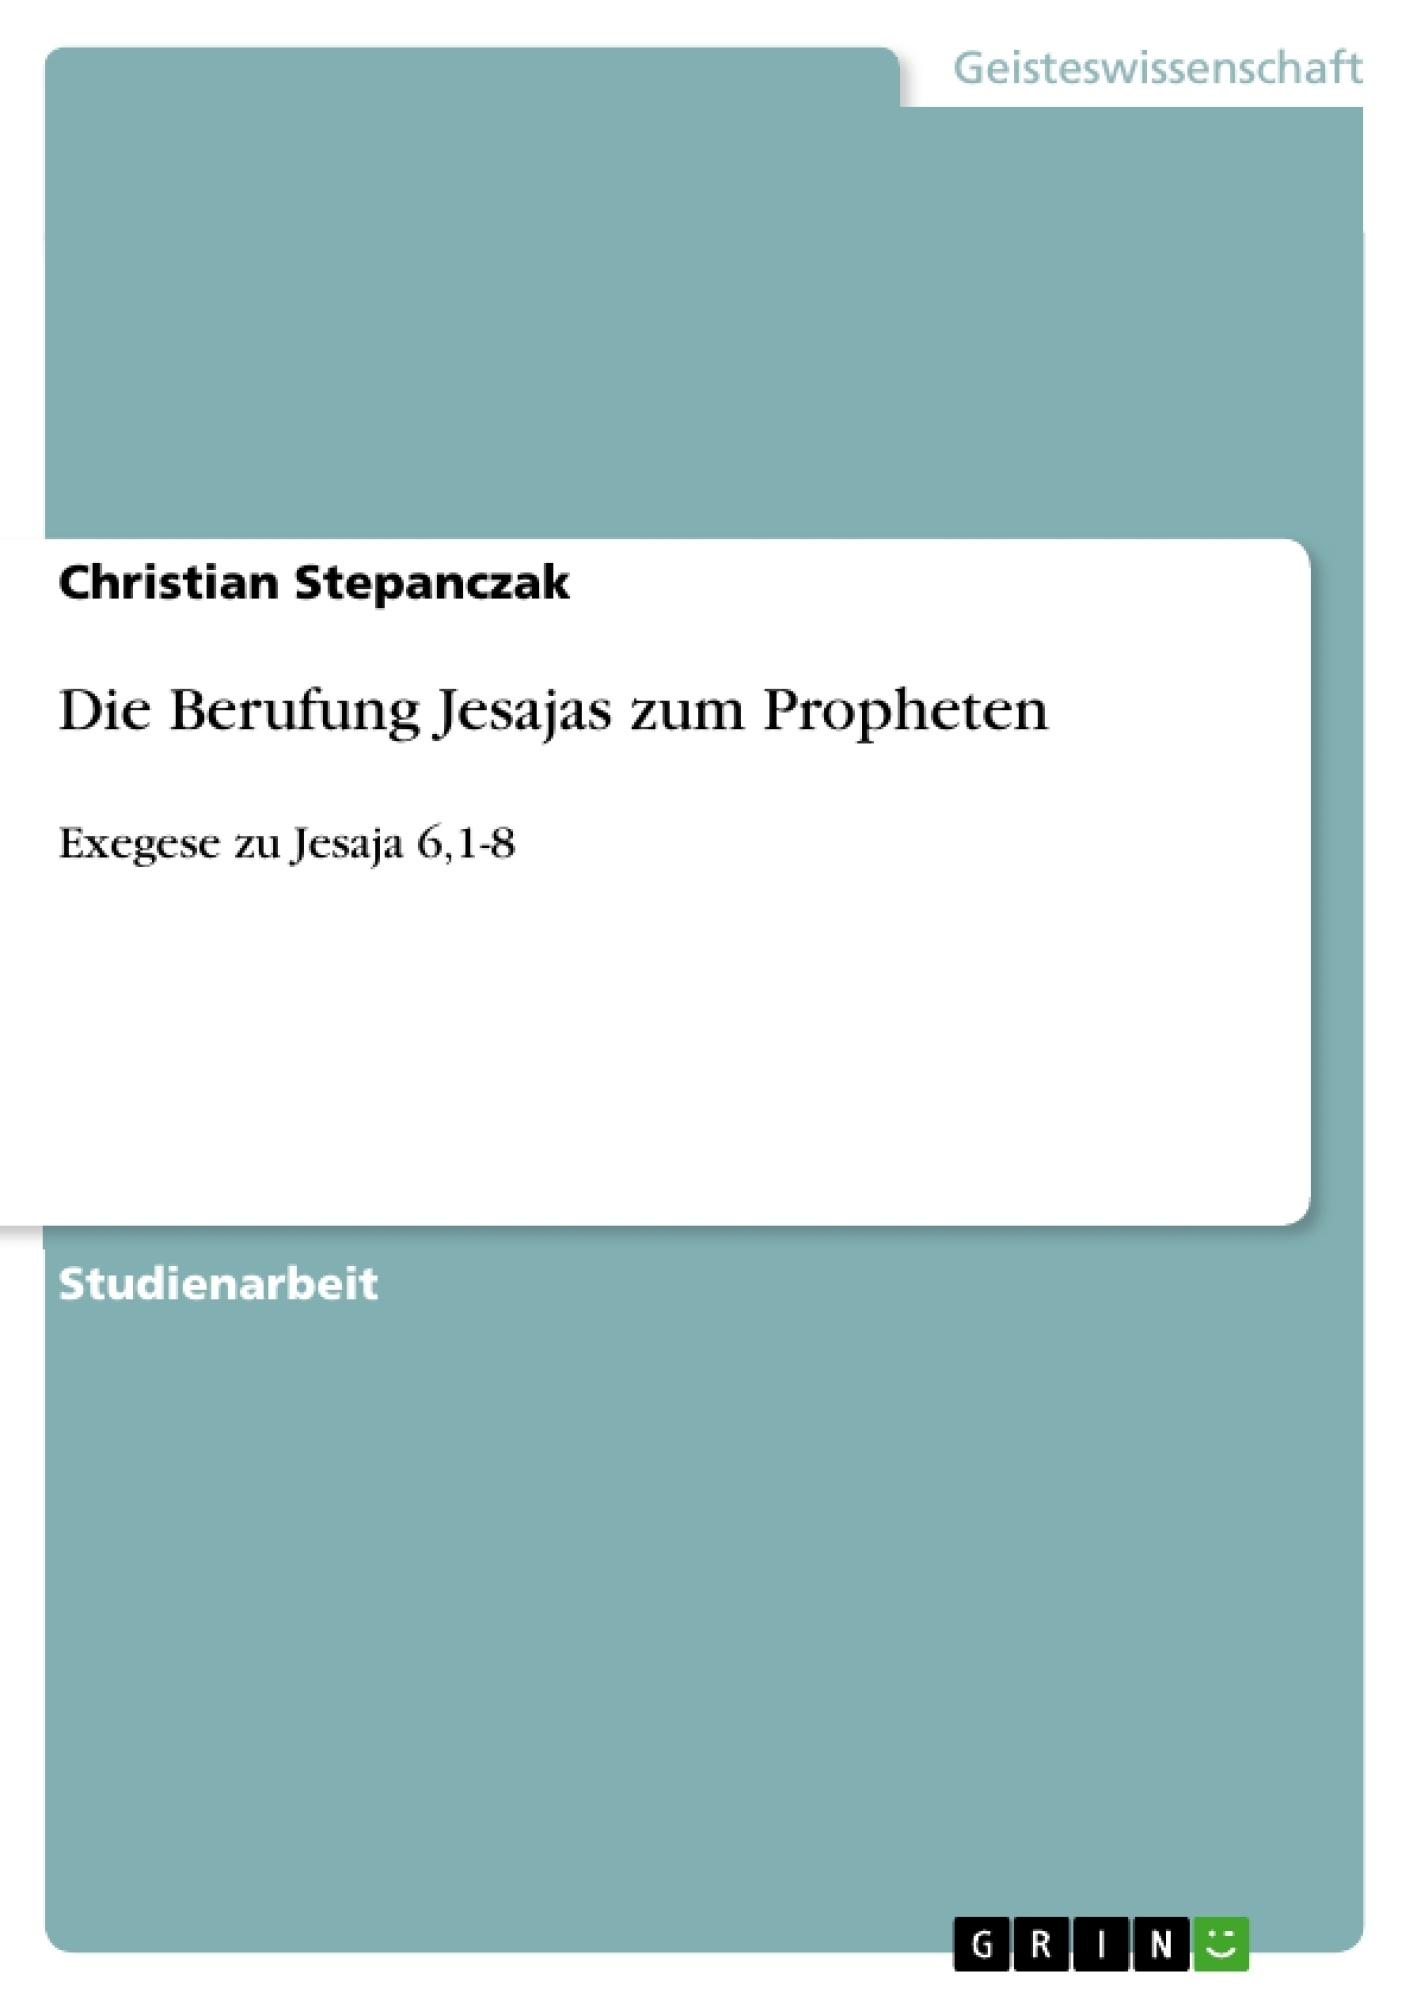 Titel: Die Berufung Jesajas zum Propheten